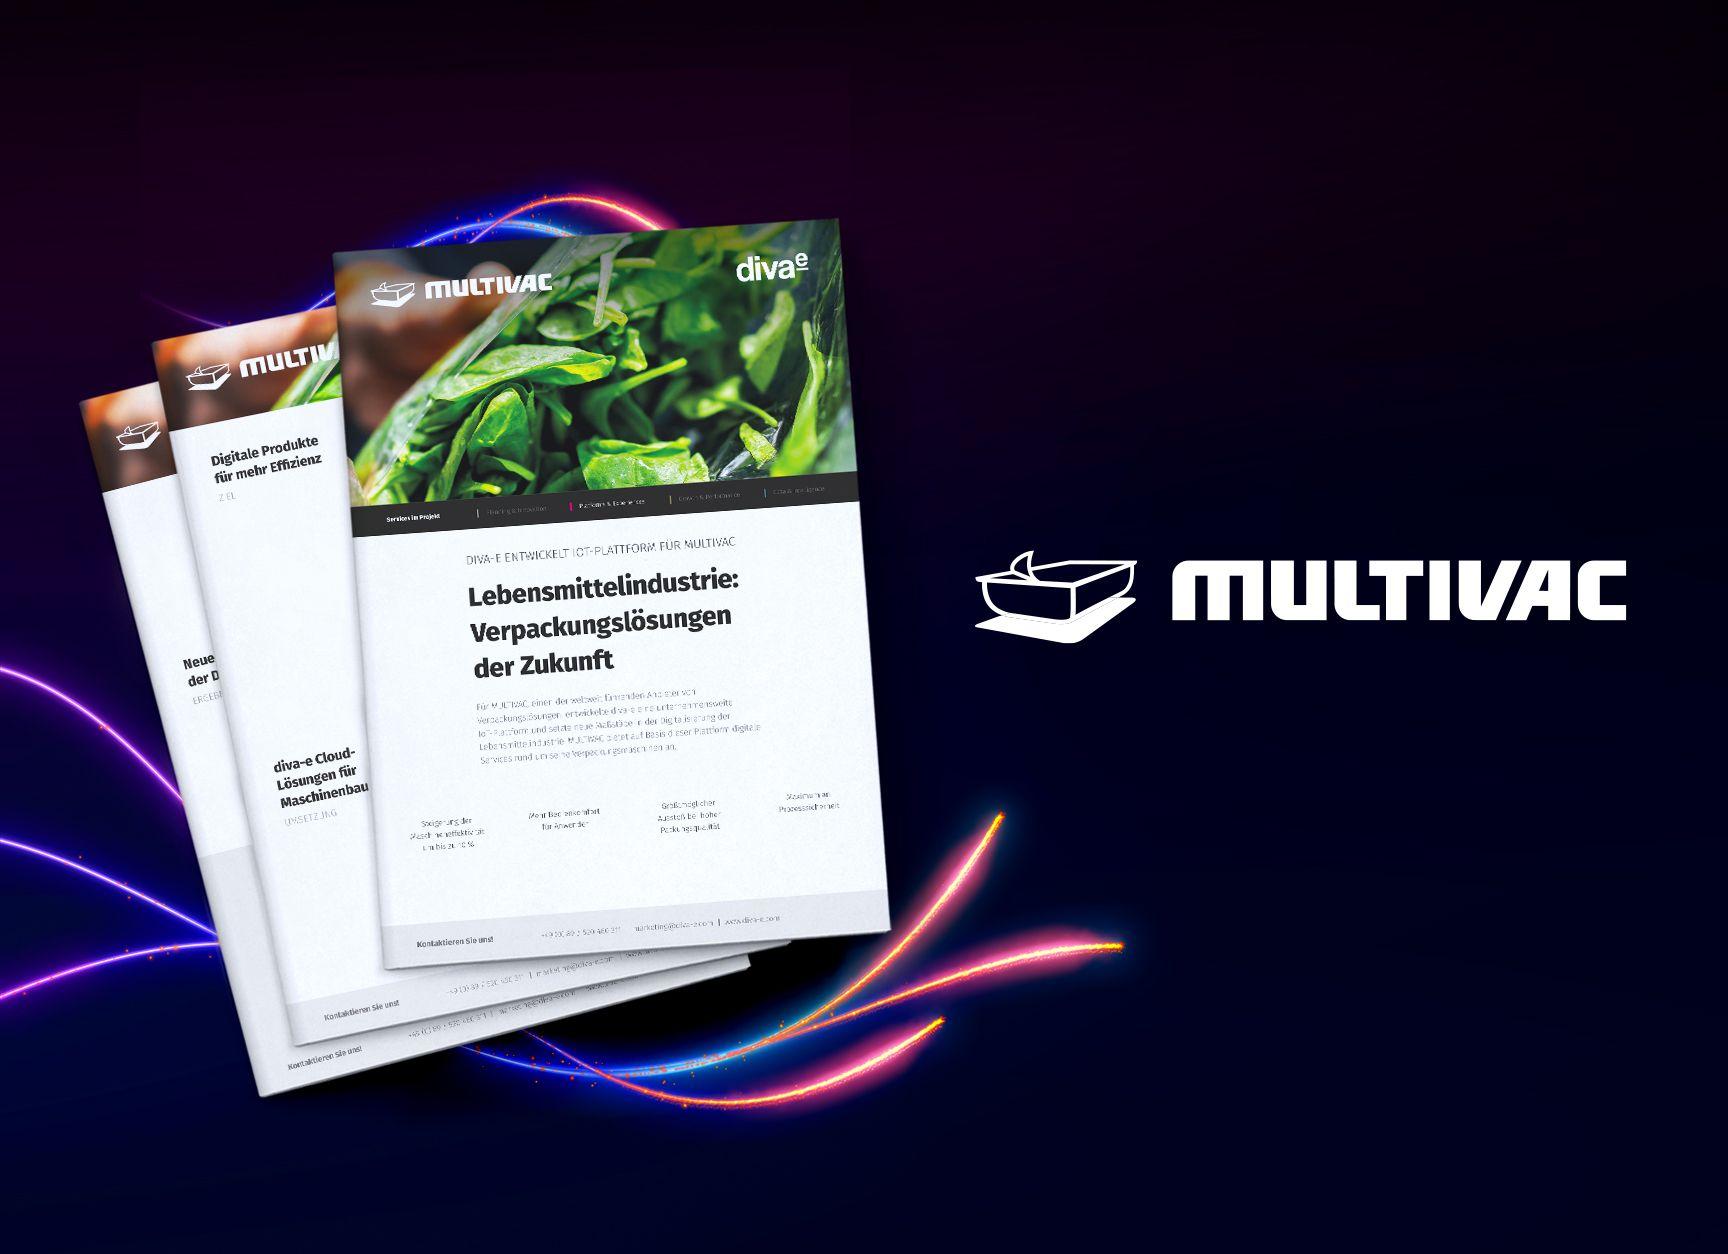 MULTIVAC: Verpackungslösungen der Zukunft